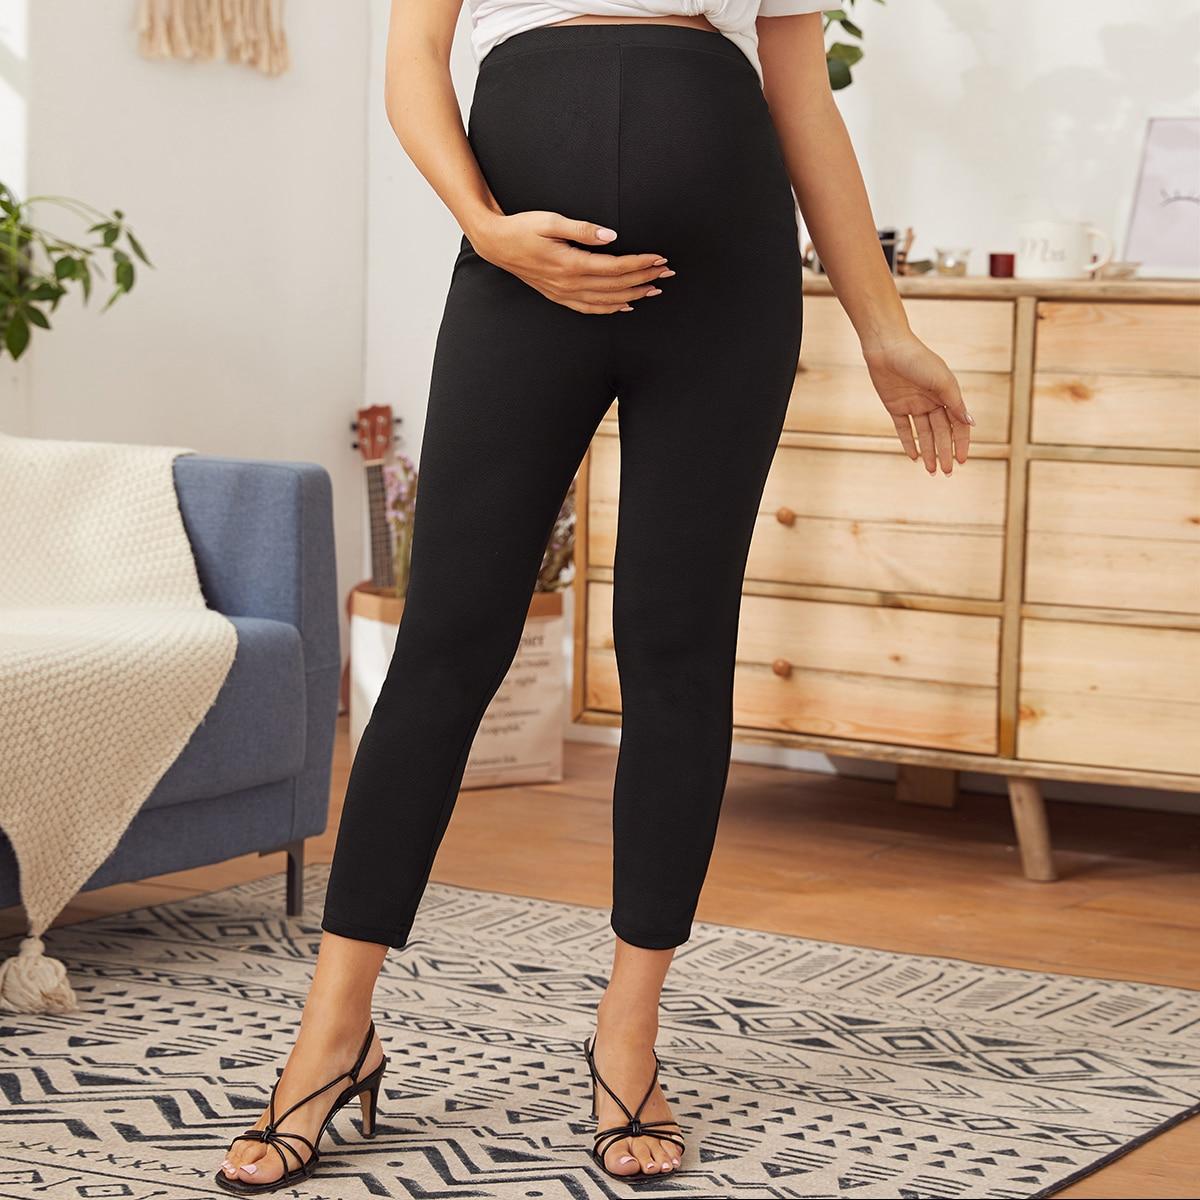 Maternity Однотонные короткие леггинсы от SHEIN